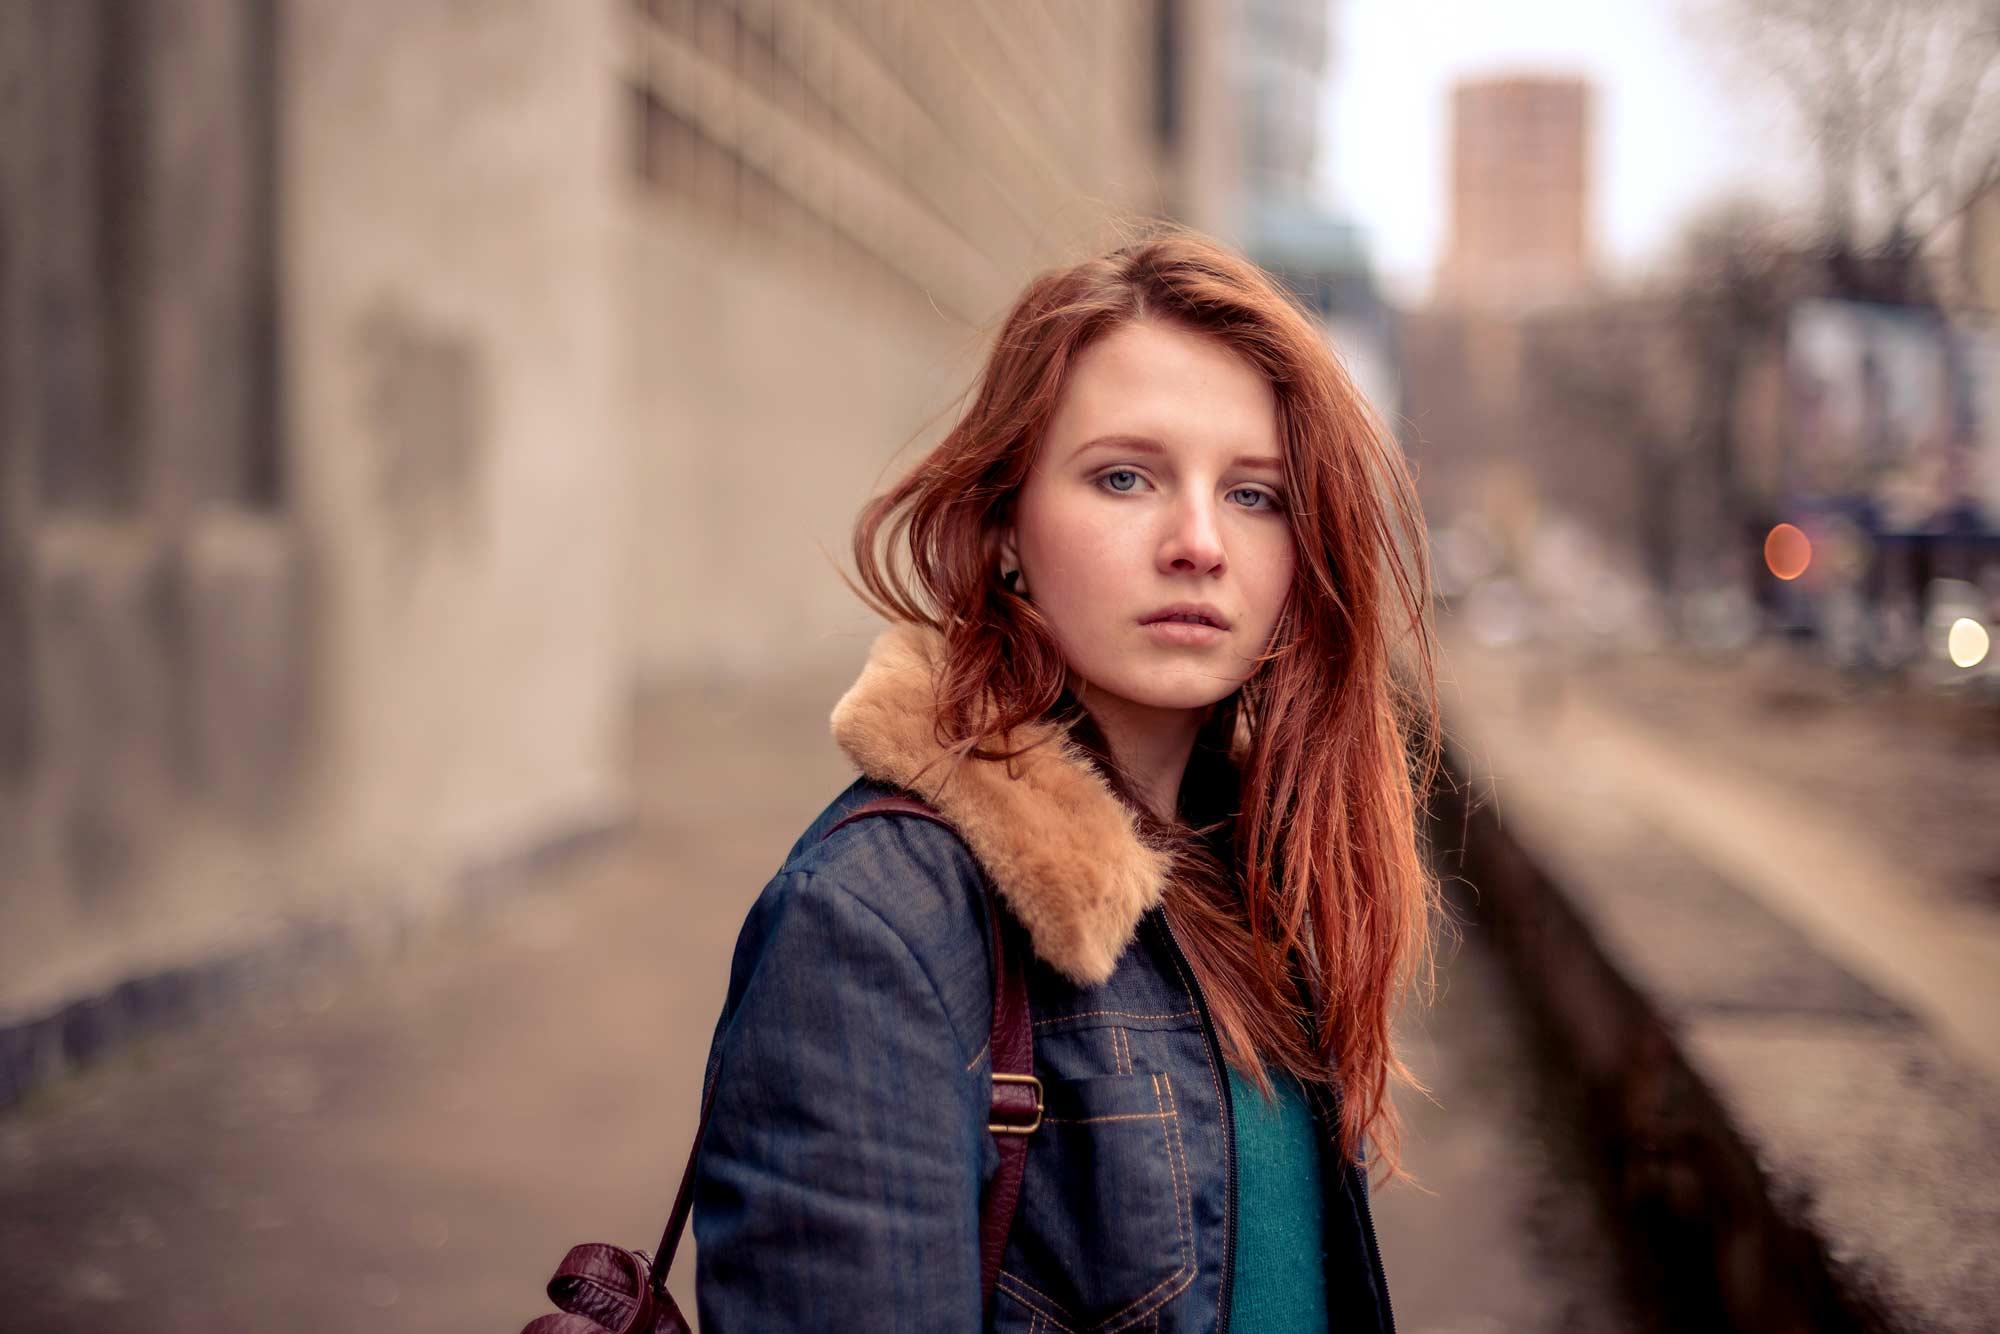 modelo usando um dos cabelos ruivos 2017